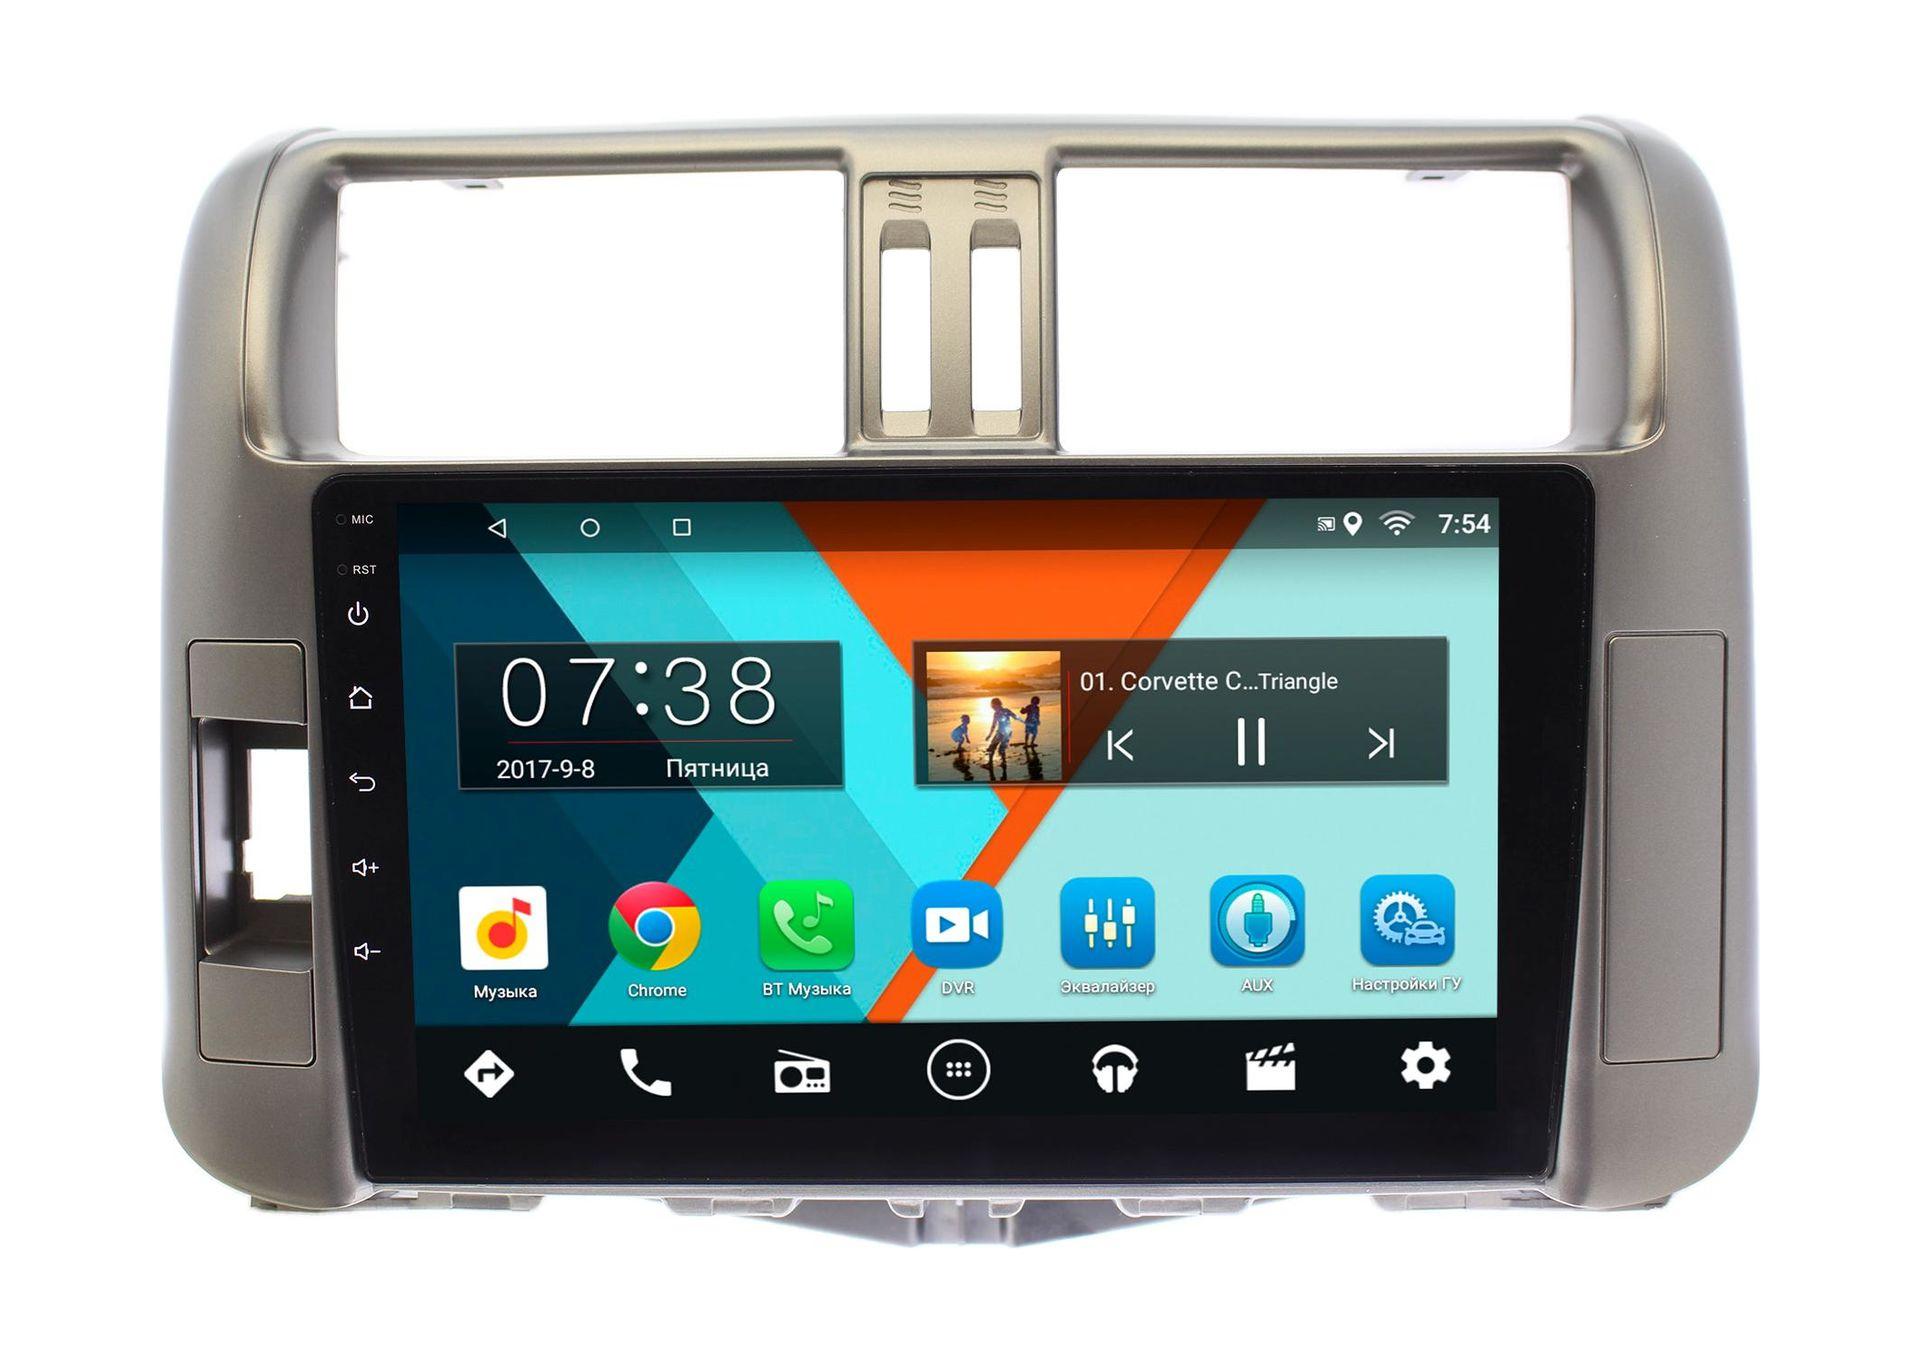 Штатная магнитола Wide Media MT9005MF для Toyota LC Prado 150 2009-2013 (для авто с усилителем) на Android 6.0.1 литой диск replikey rk9621 toyota lc prado 150 8 5x20 6x139 7 d106 2 et20 gmf